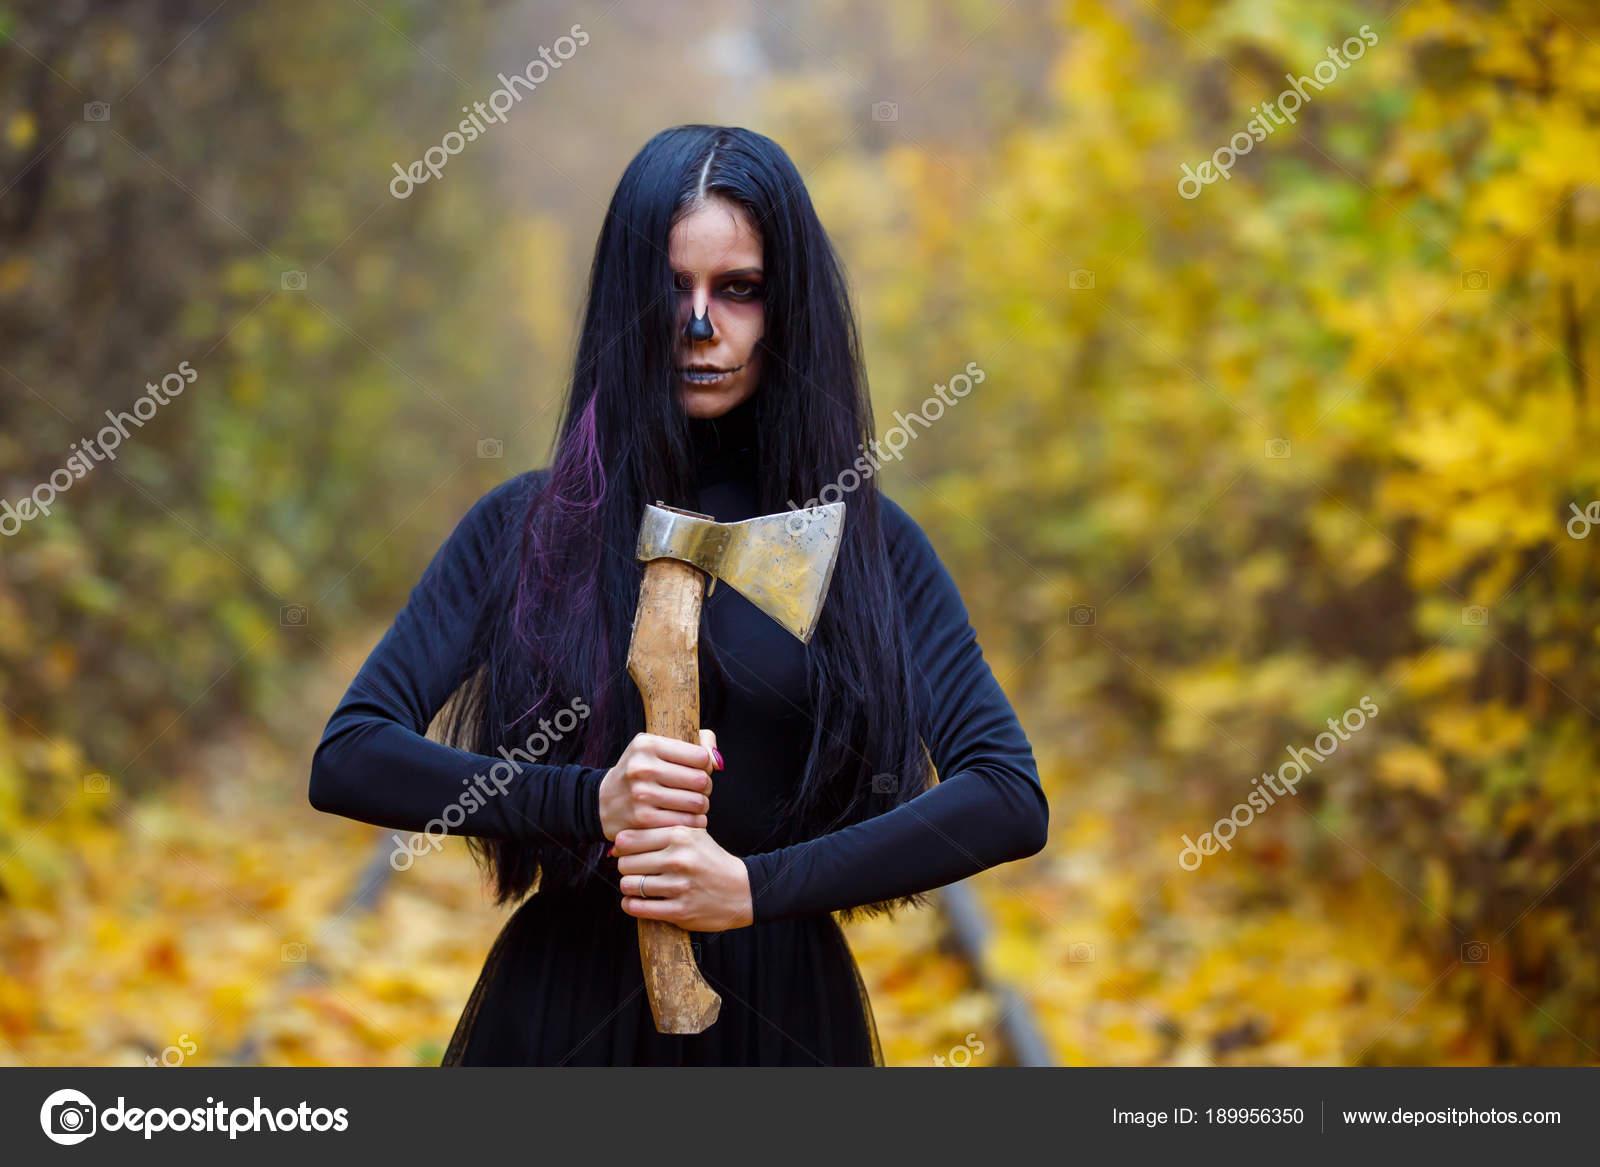 Professionele Halloween Kostuums.Mooi Meisje Met Grote Massale Ax In Haar Heand Creatieve